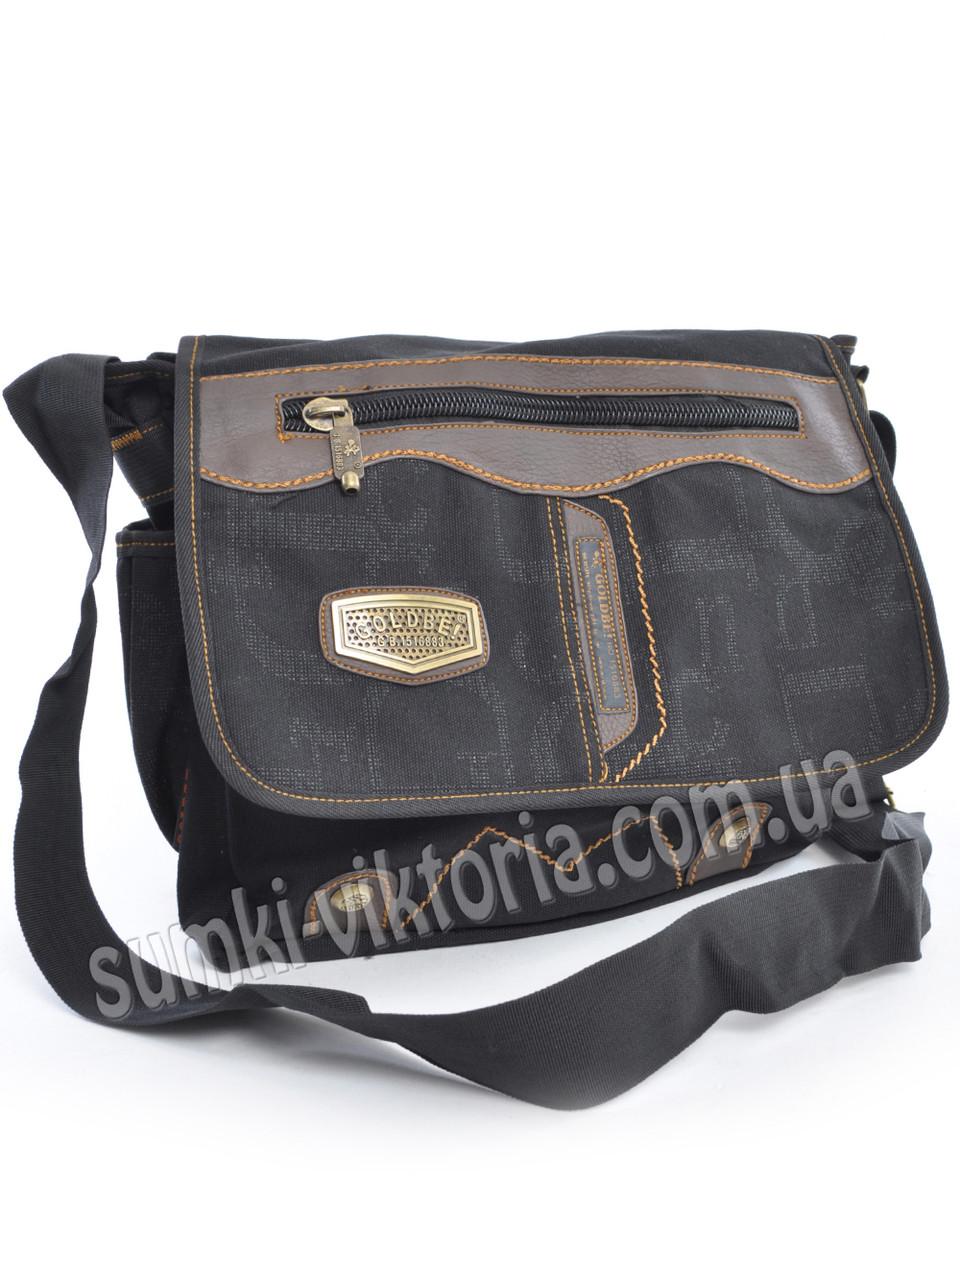 c01d7a101a7f Сумка через плечо Gold Be Classic Black - купить по лучшей цене ...